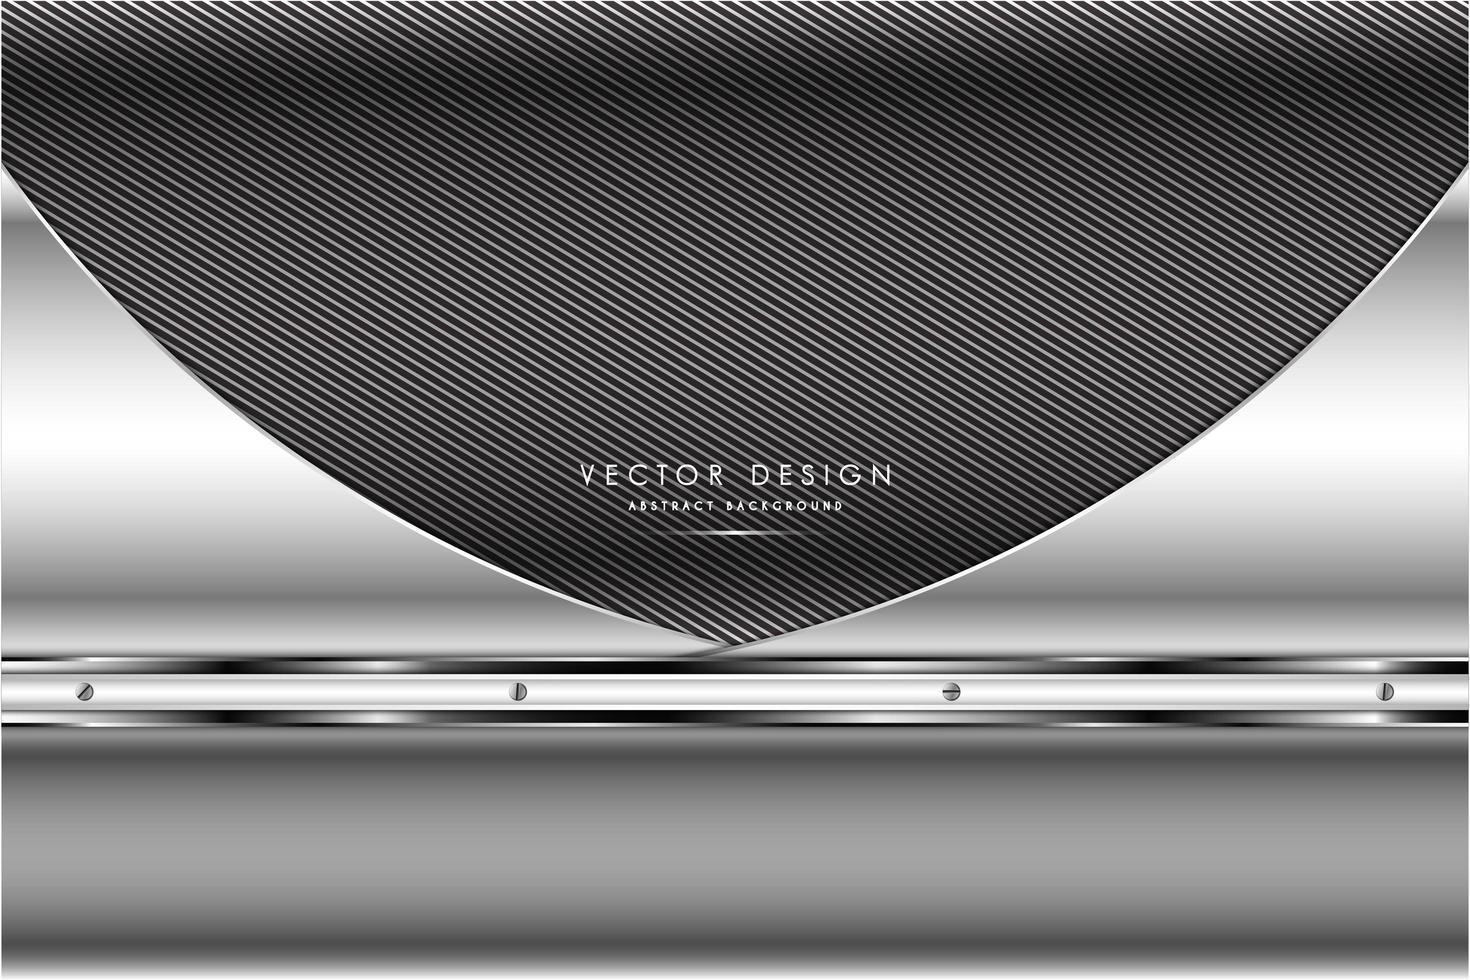 Metallic Grau und Silber Kohlefaser Design vektor